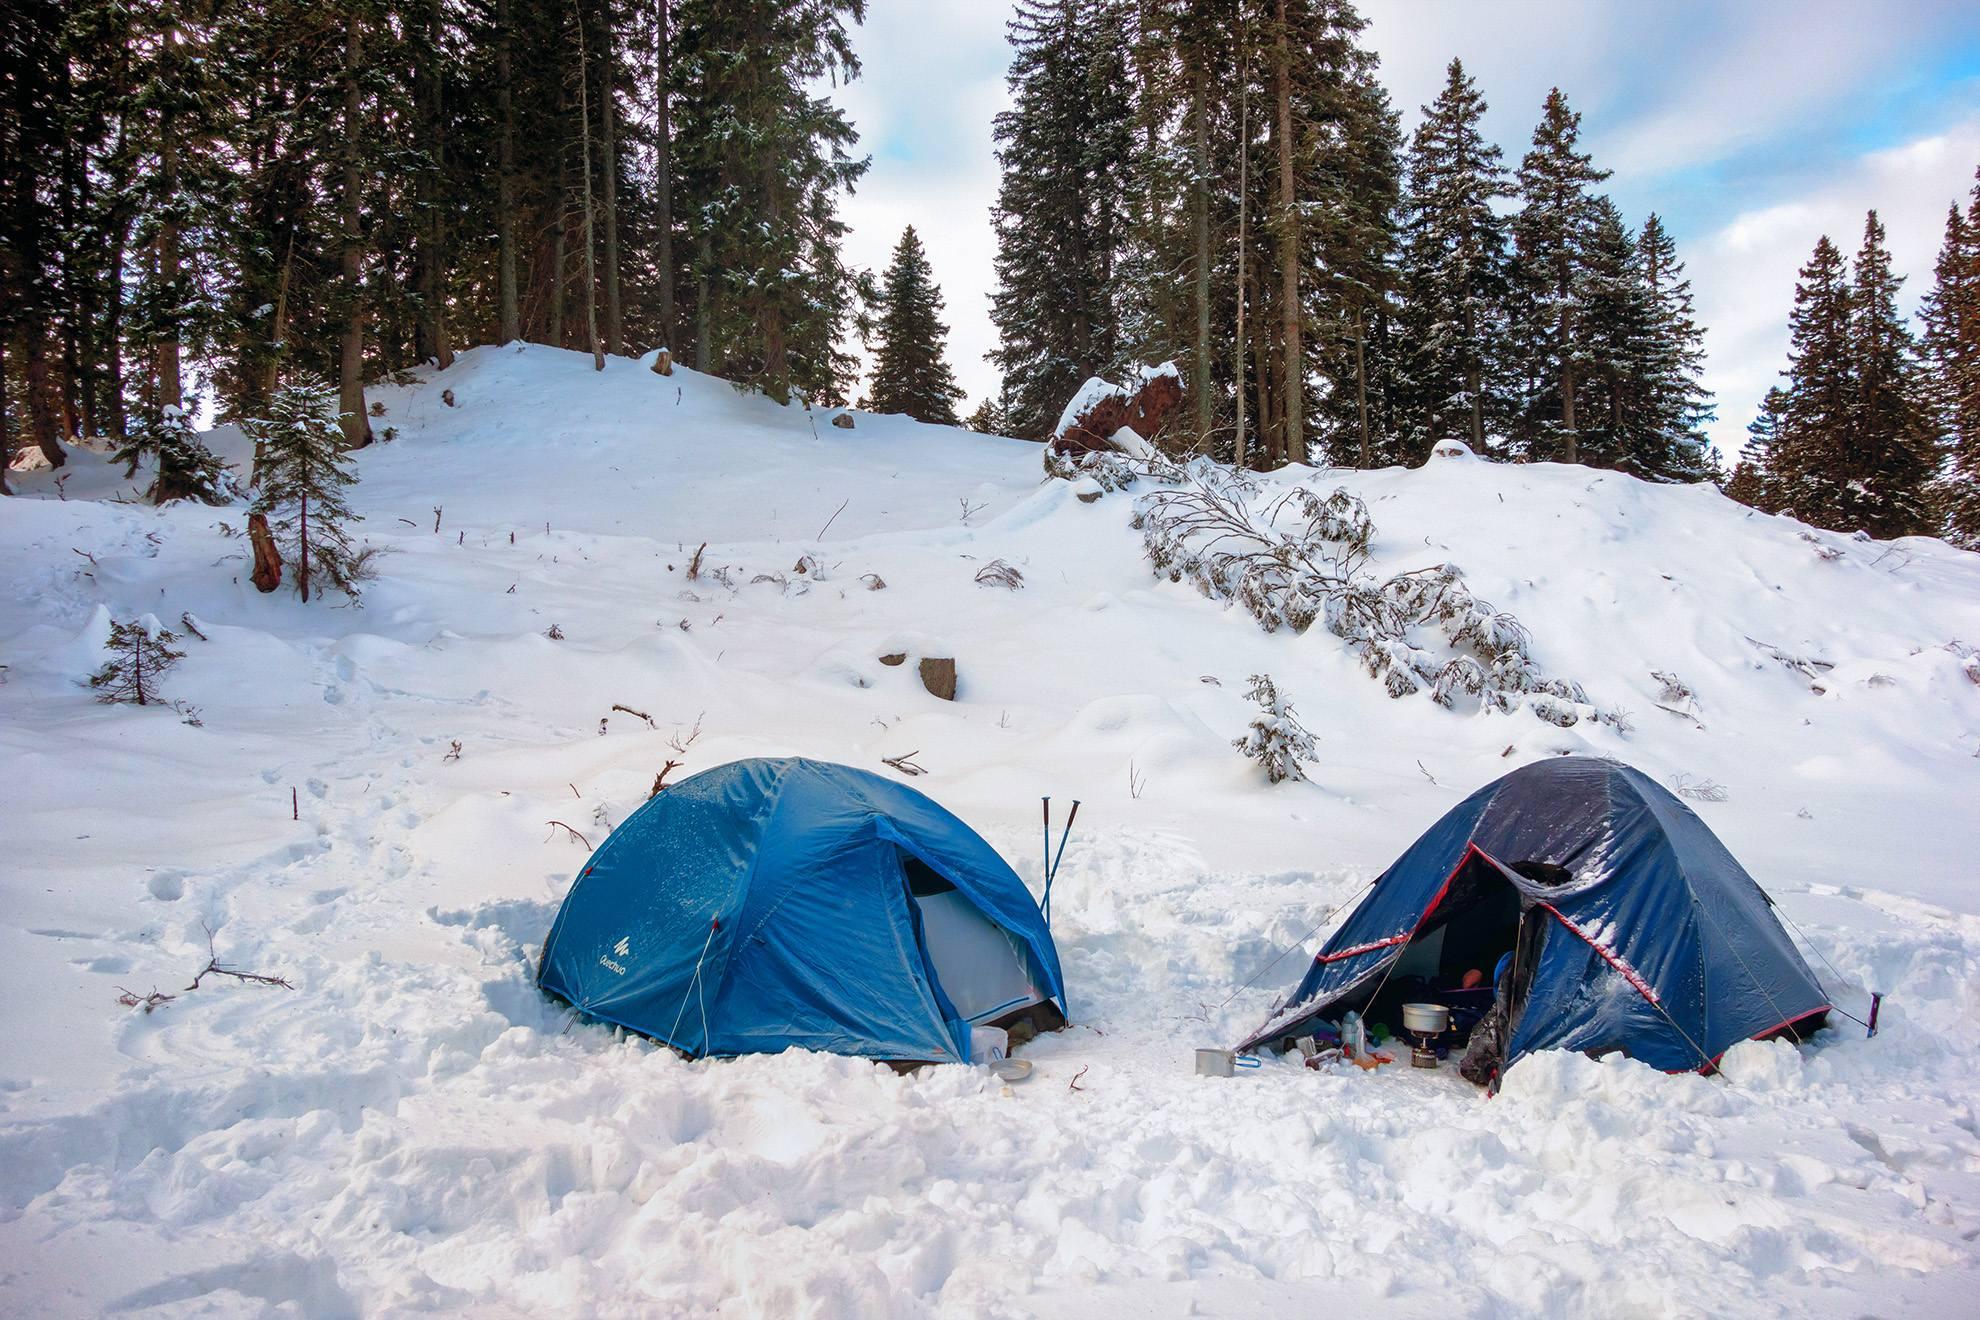 téli kemping sátorozás vadkemping hó